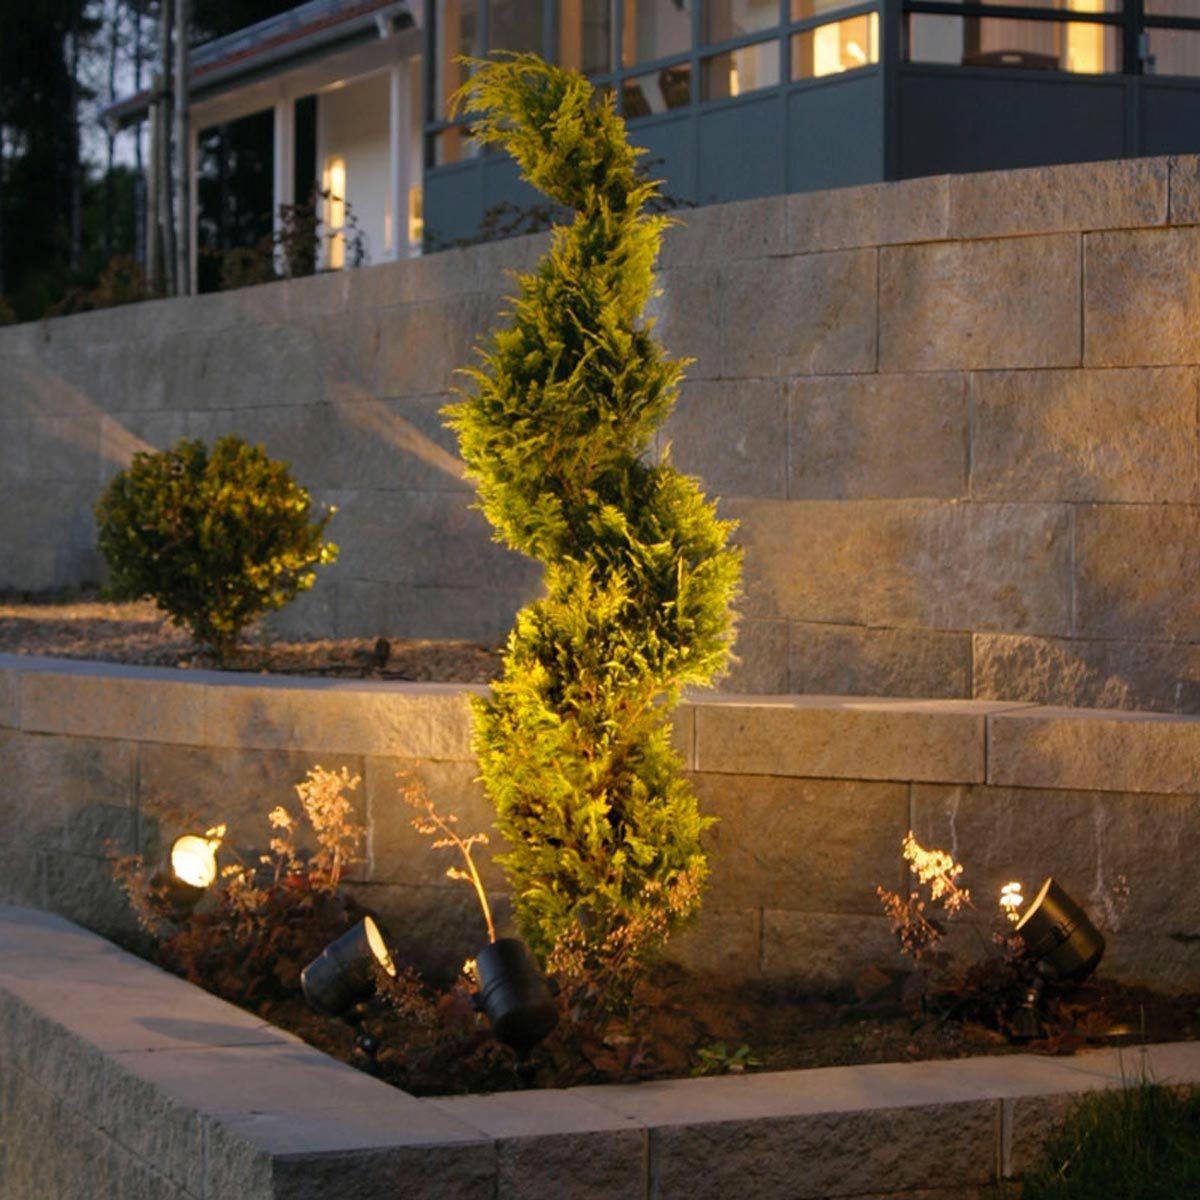 Aménagement paysager : choisissez des plantes extravagantes qui attirent l'oeil.